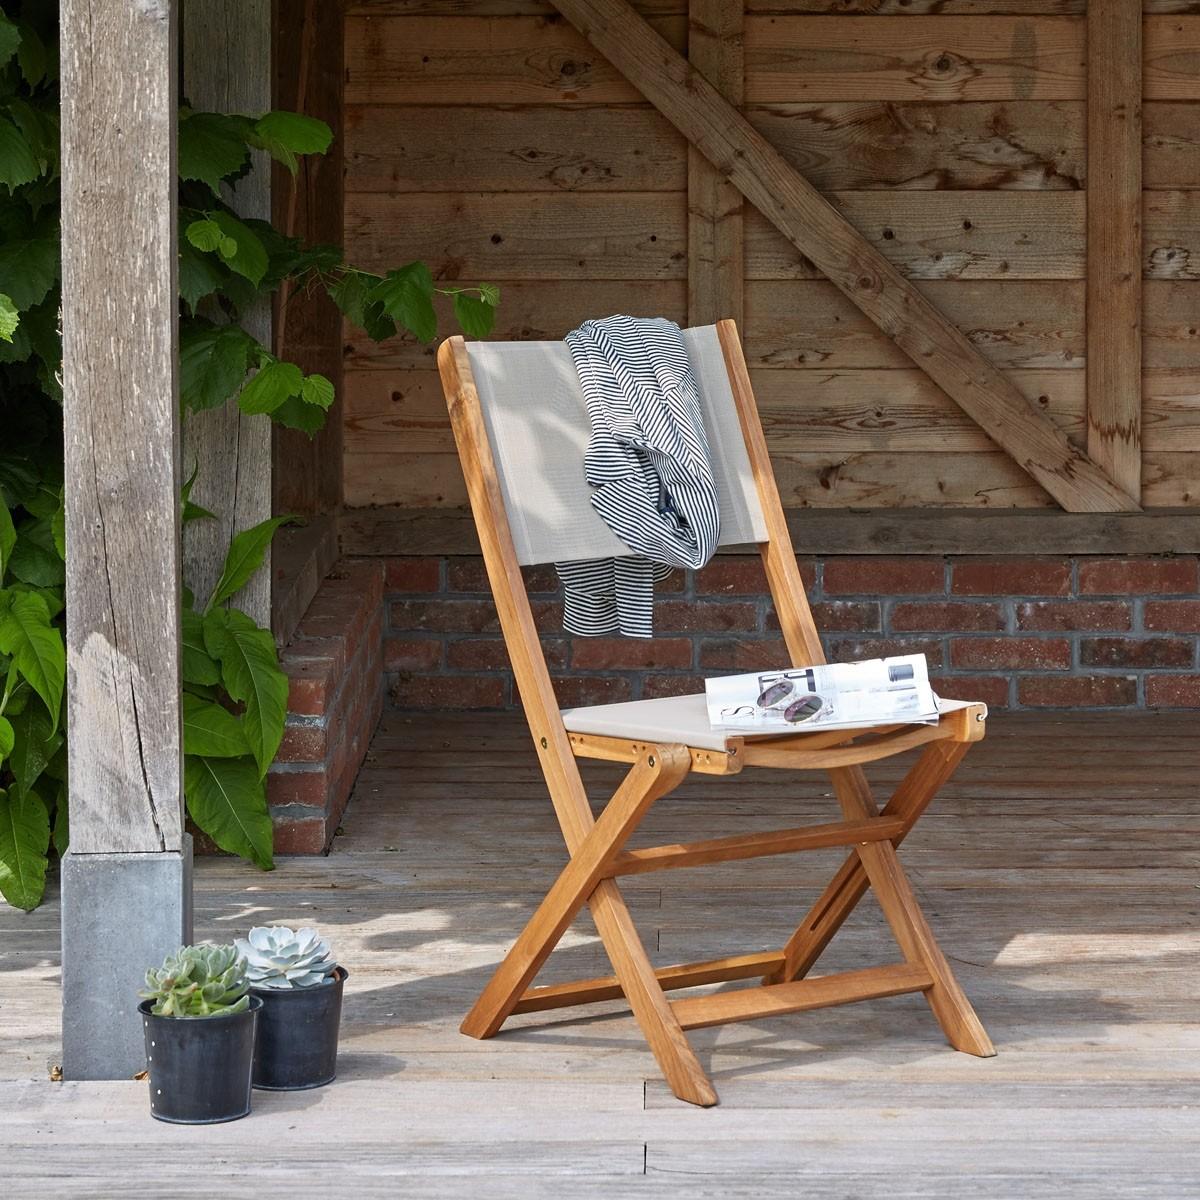 chaise en bois d 39 acacia et textil ne bois dessus bois dessous. Black Bedroom Furniture Sets. Home Design Ideas